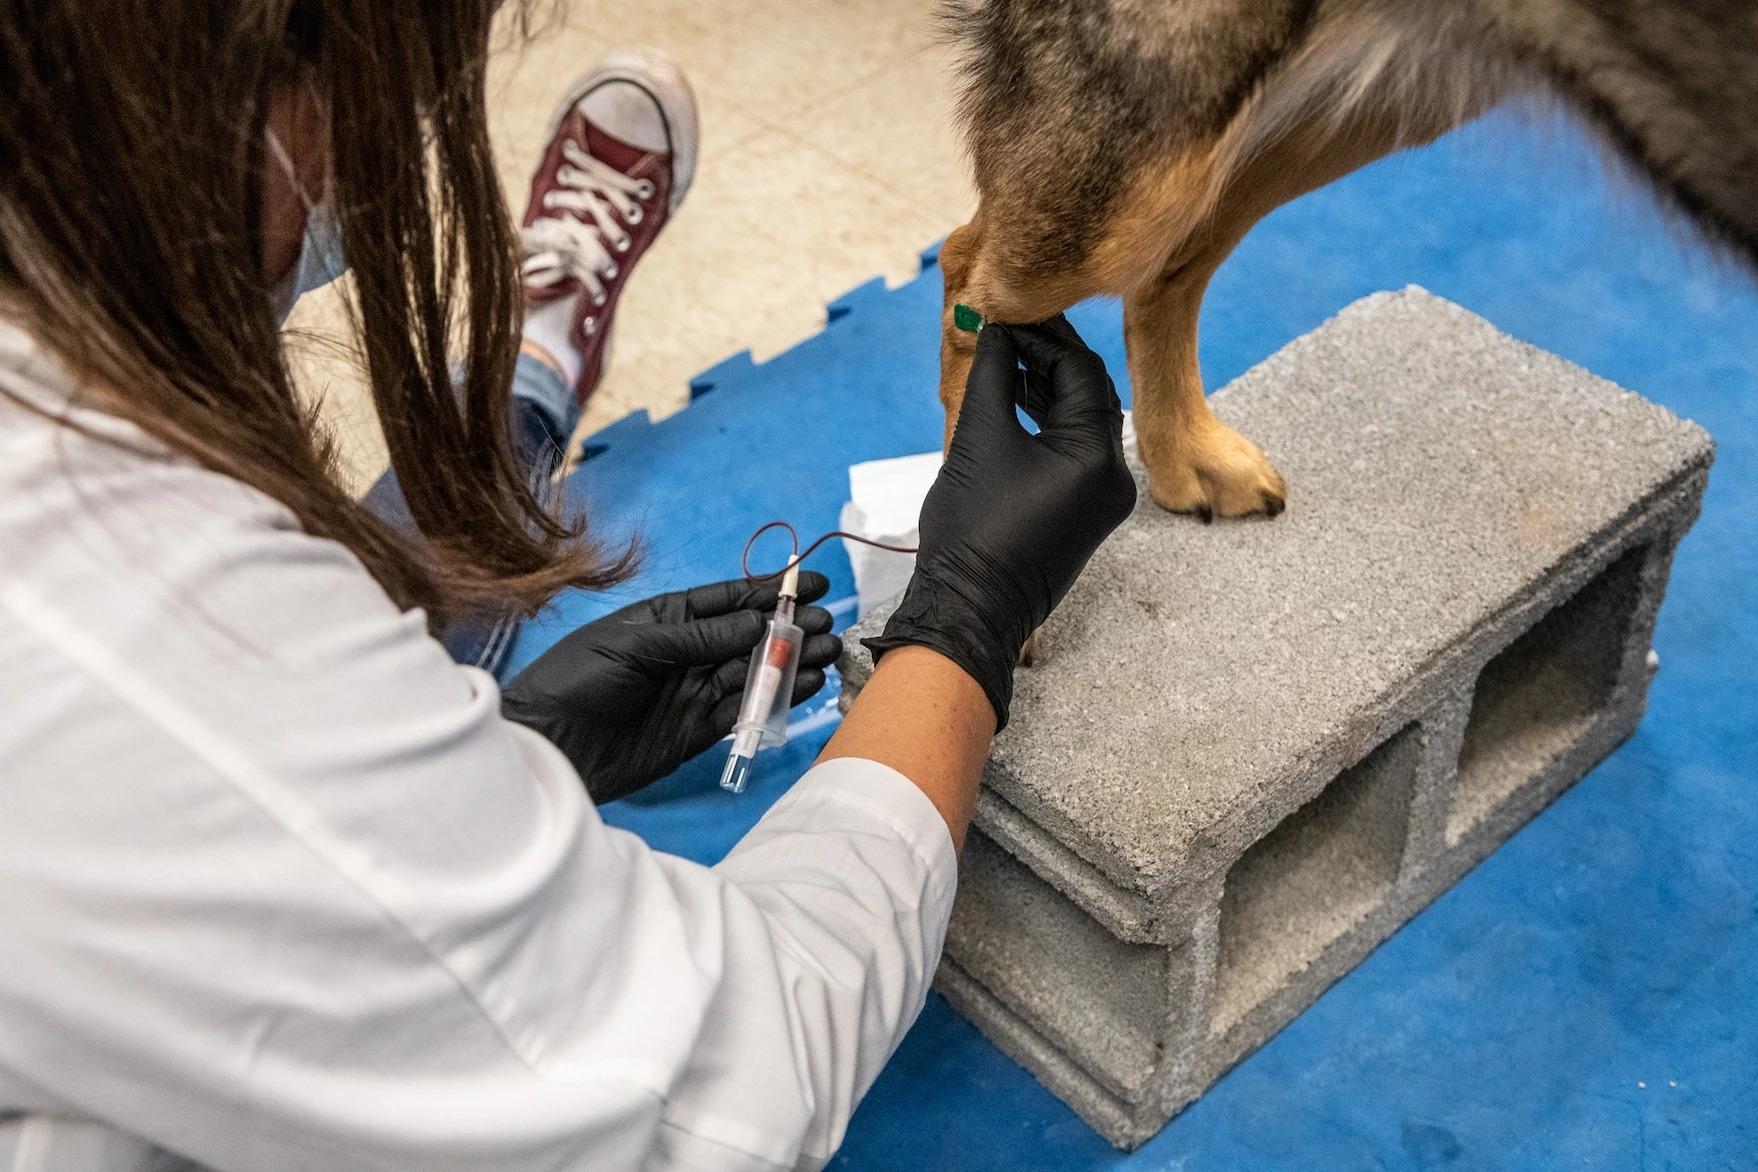 研究人員在研究開始前收集血液樣本與口腔拭子,以確保狗沒有感染COVID-19。